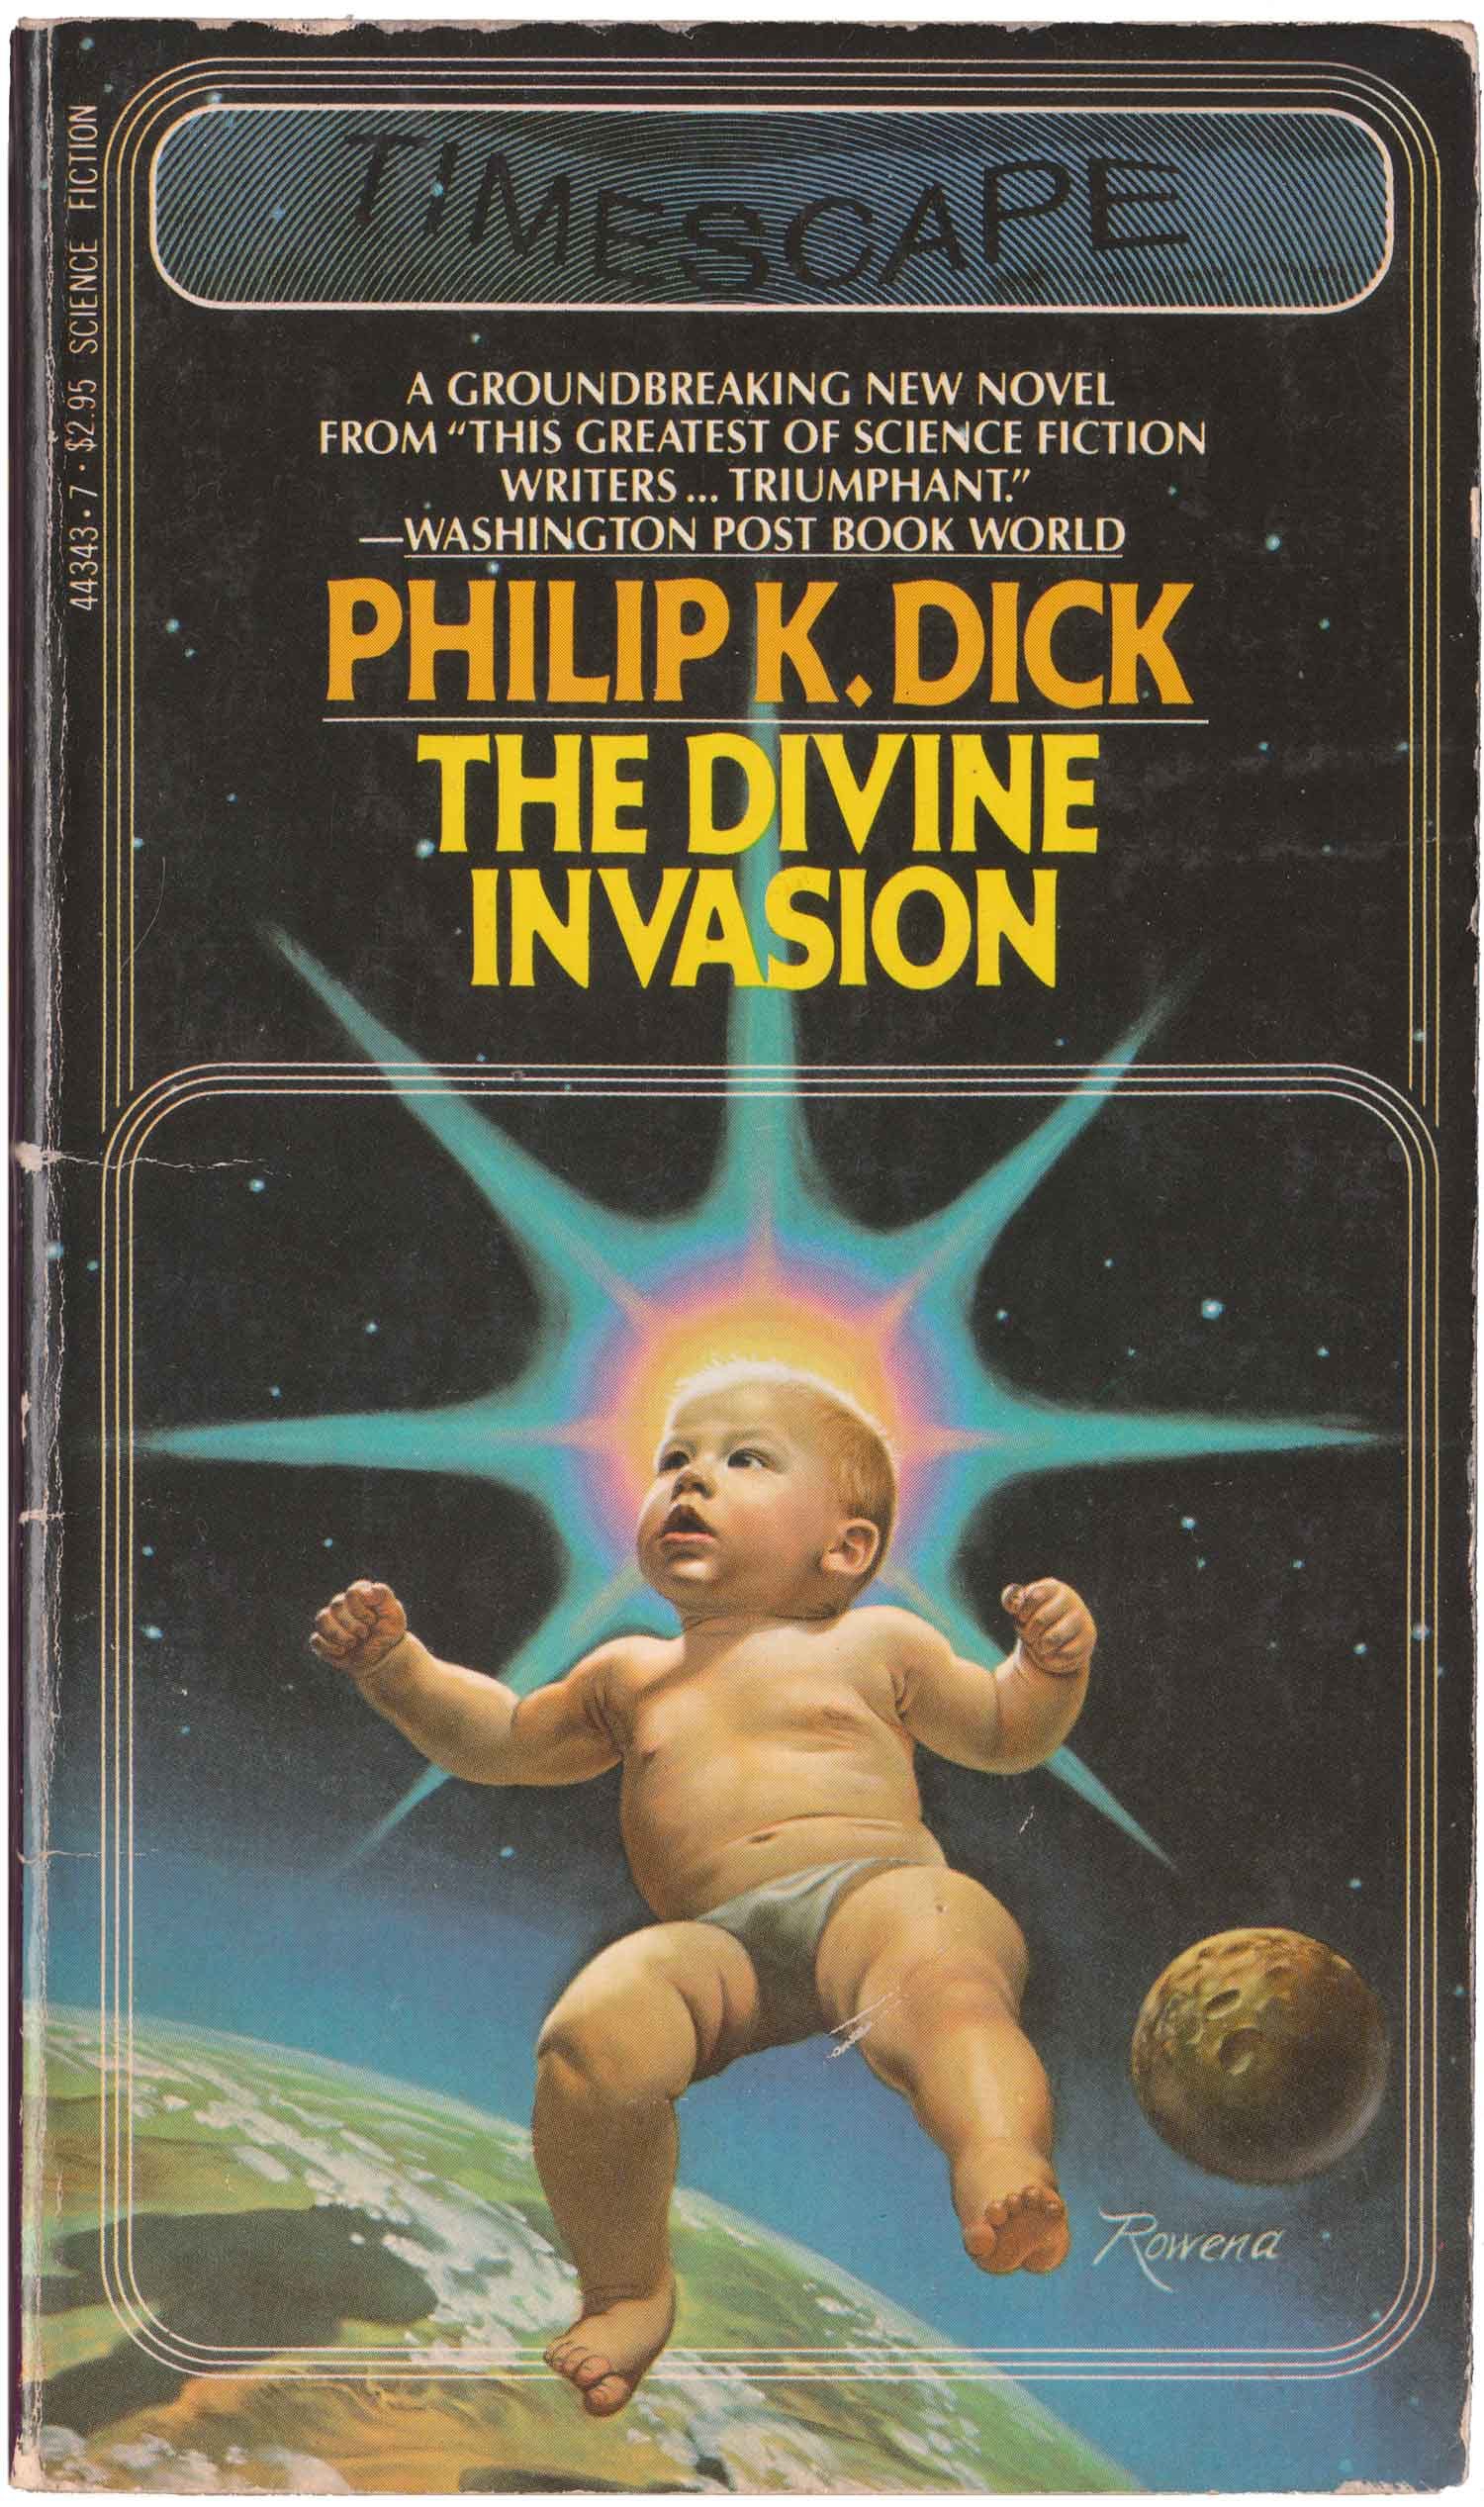 pkd_divineinvasion